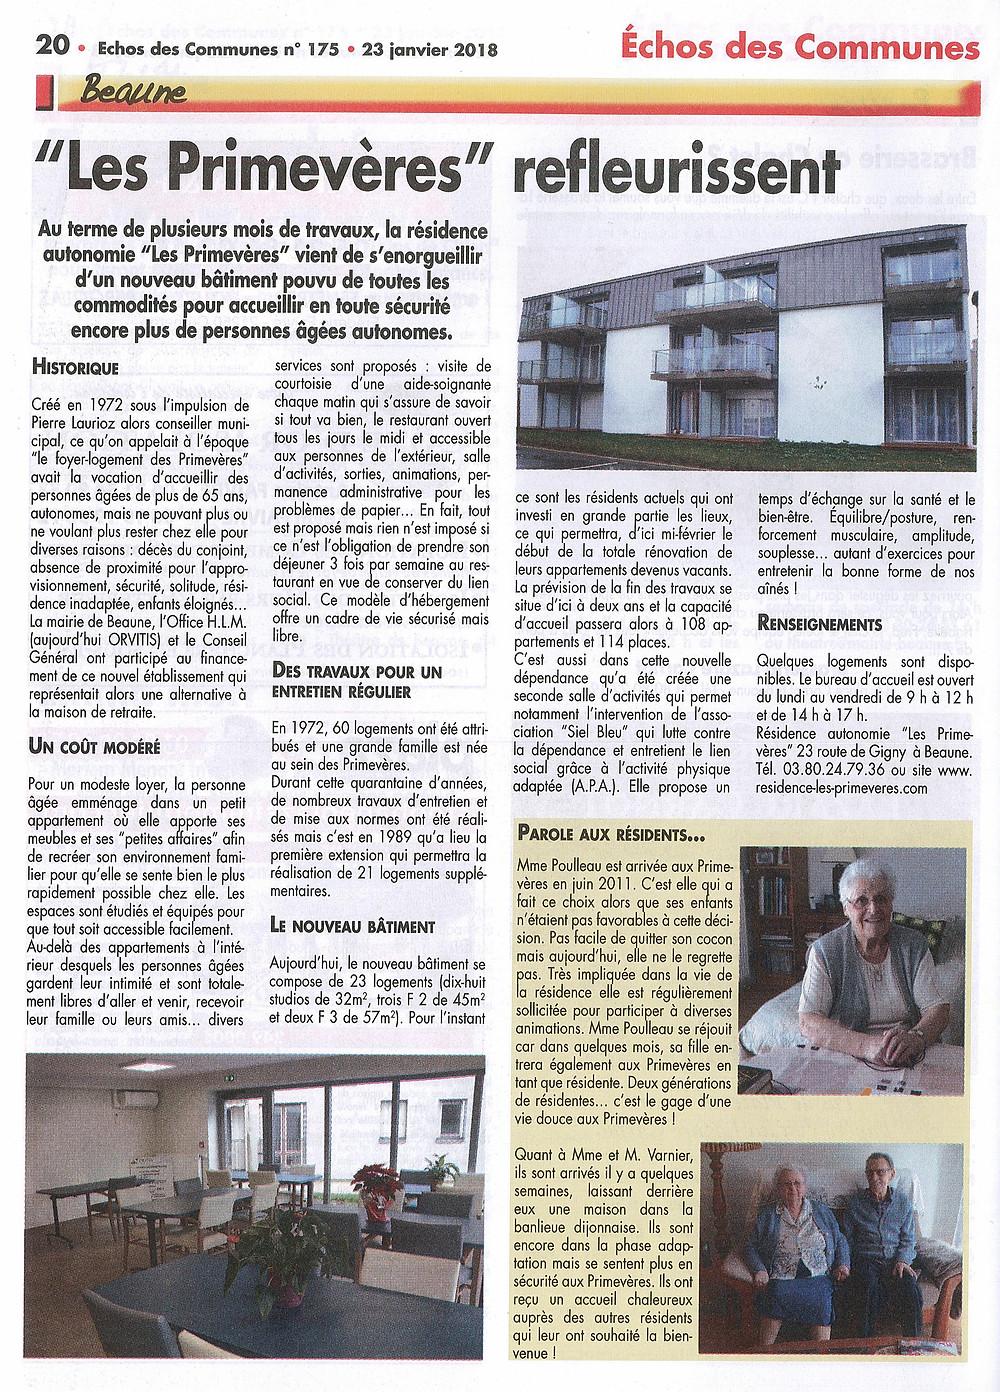 Remerciements à nos résidents: Paulette, Claudine et Michel et ECHOSdCOM